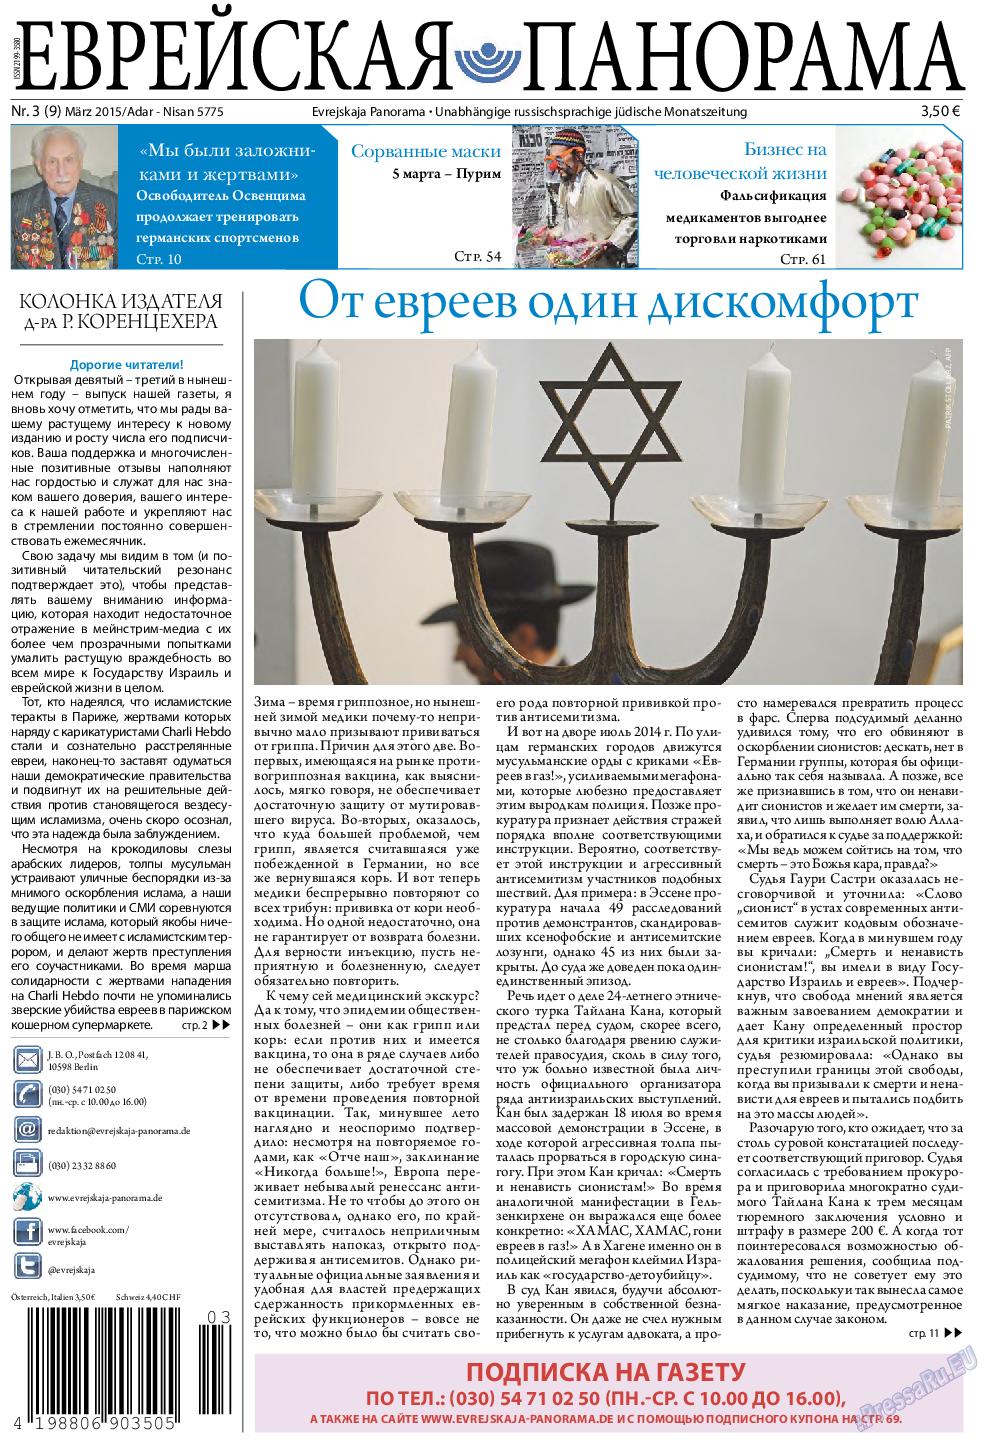 Еврейская панорама (газета). 2015 год, номер 3, стр. 1